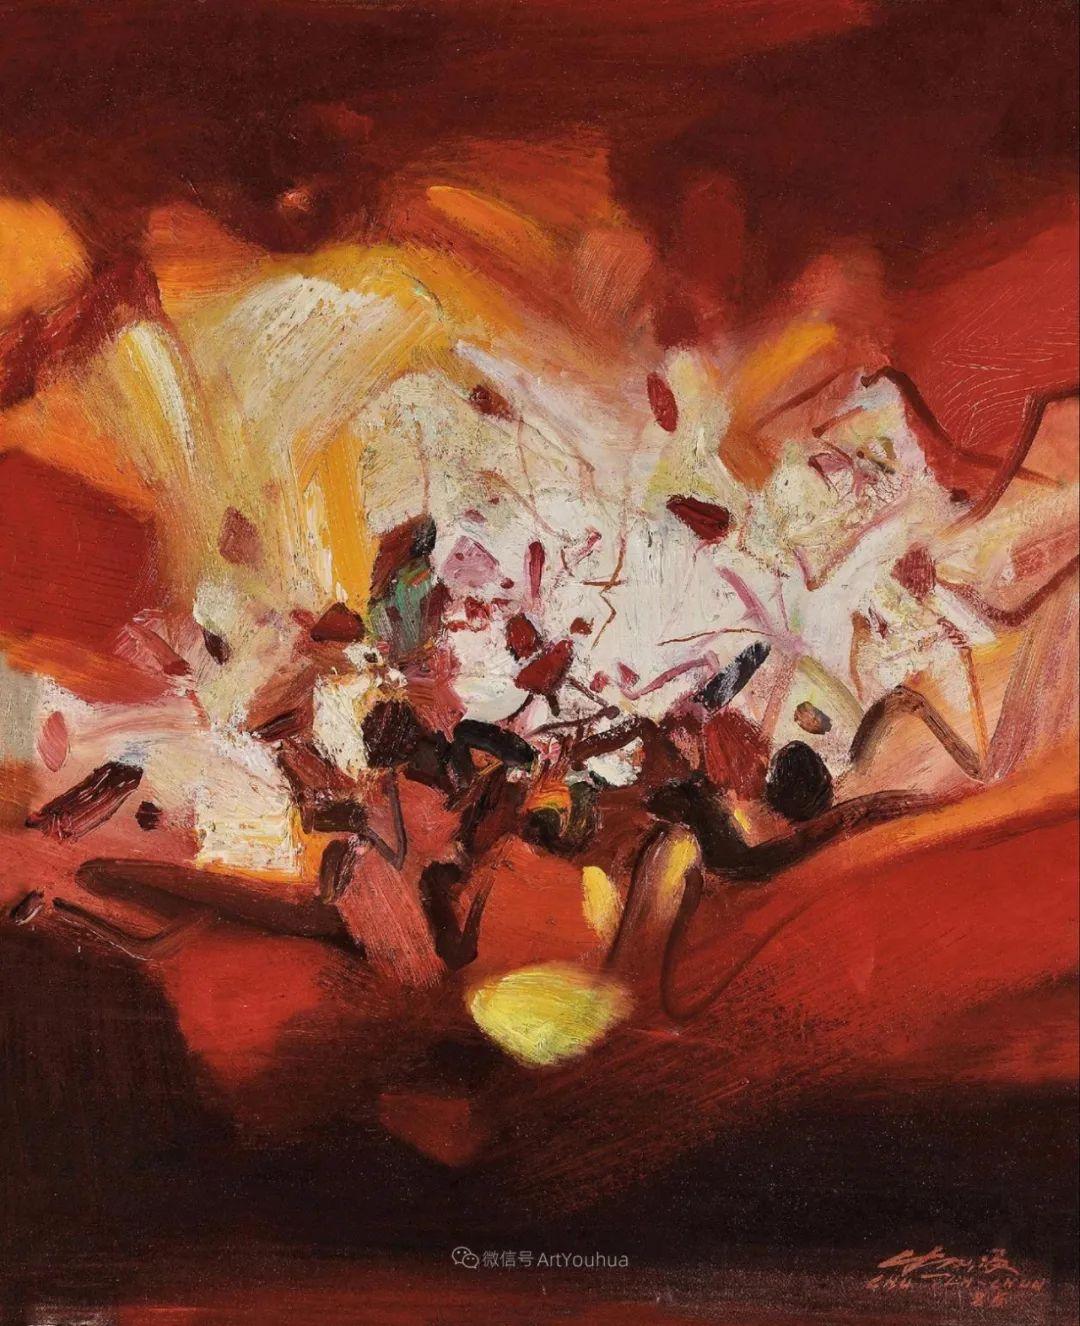 以色彩写诗,具象转抽象,朱德群作品欣赏 (高清)插图47